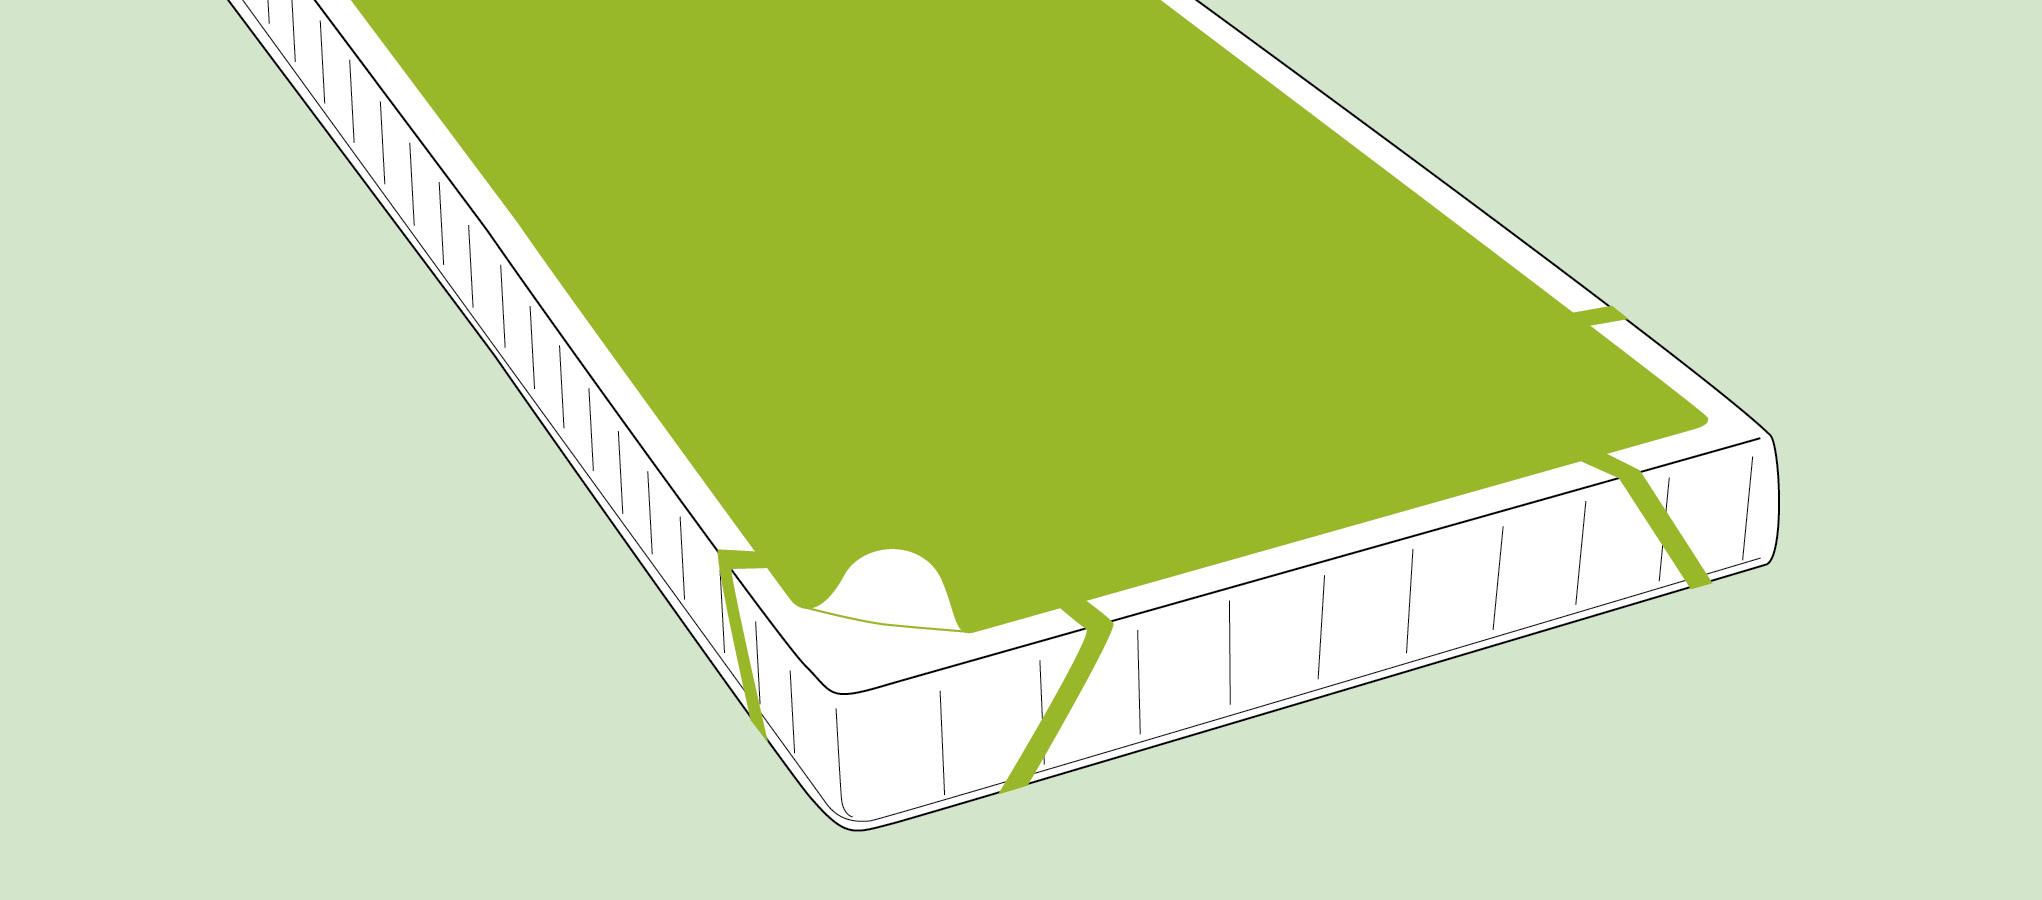 pflegegeld berechnen inkontinenzvorlagen netzhosen fixierhosen in anwendung private. Black Bedroom Furniture Sets. Home Design Ideas